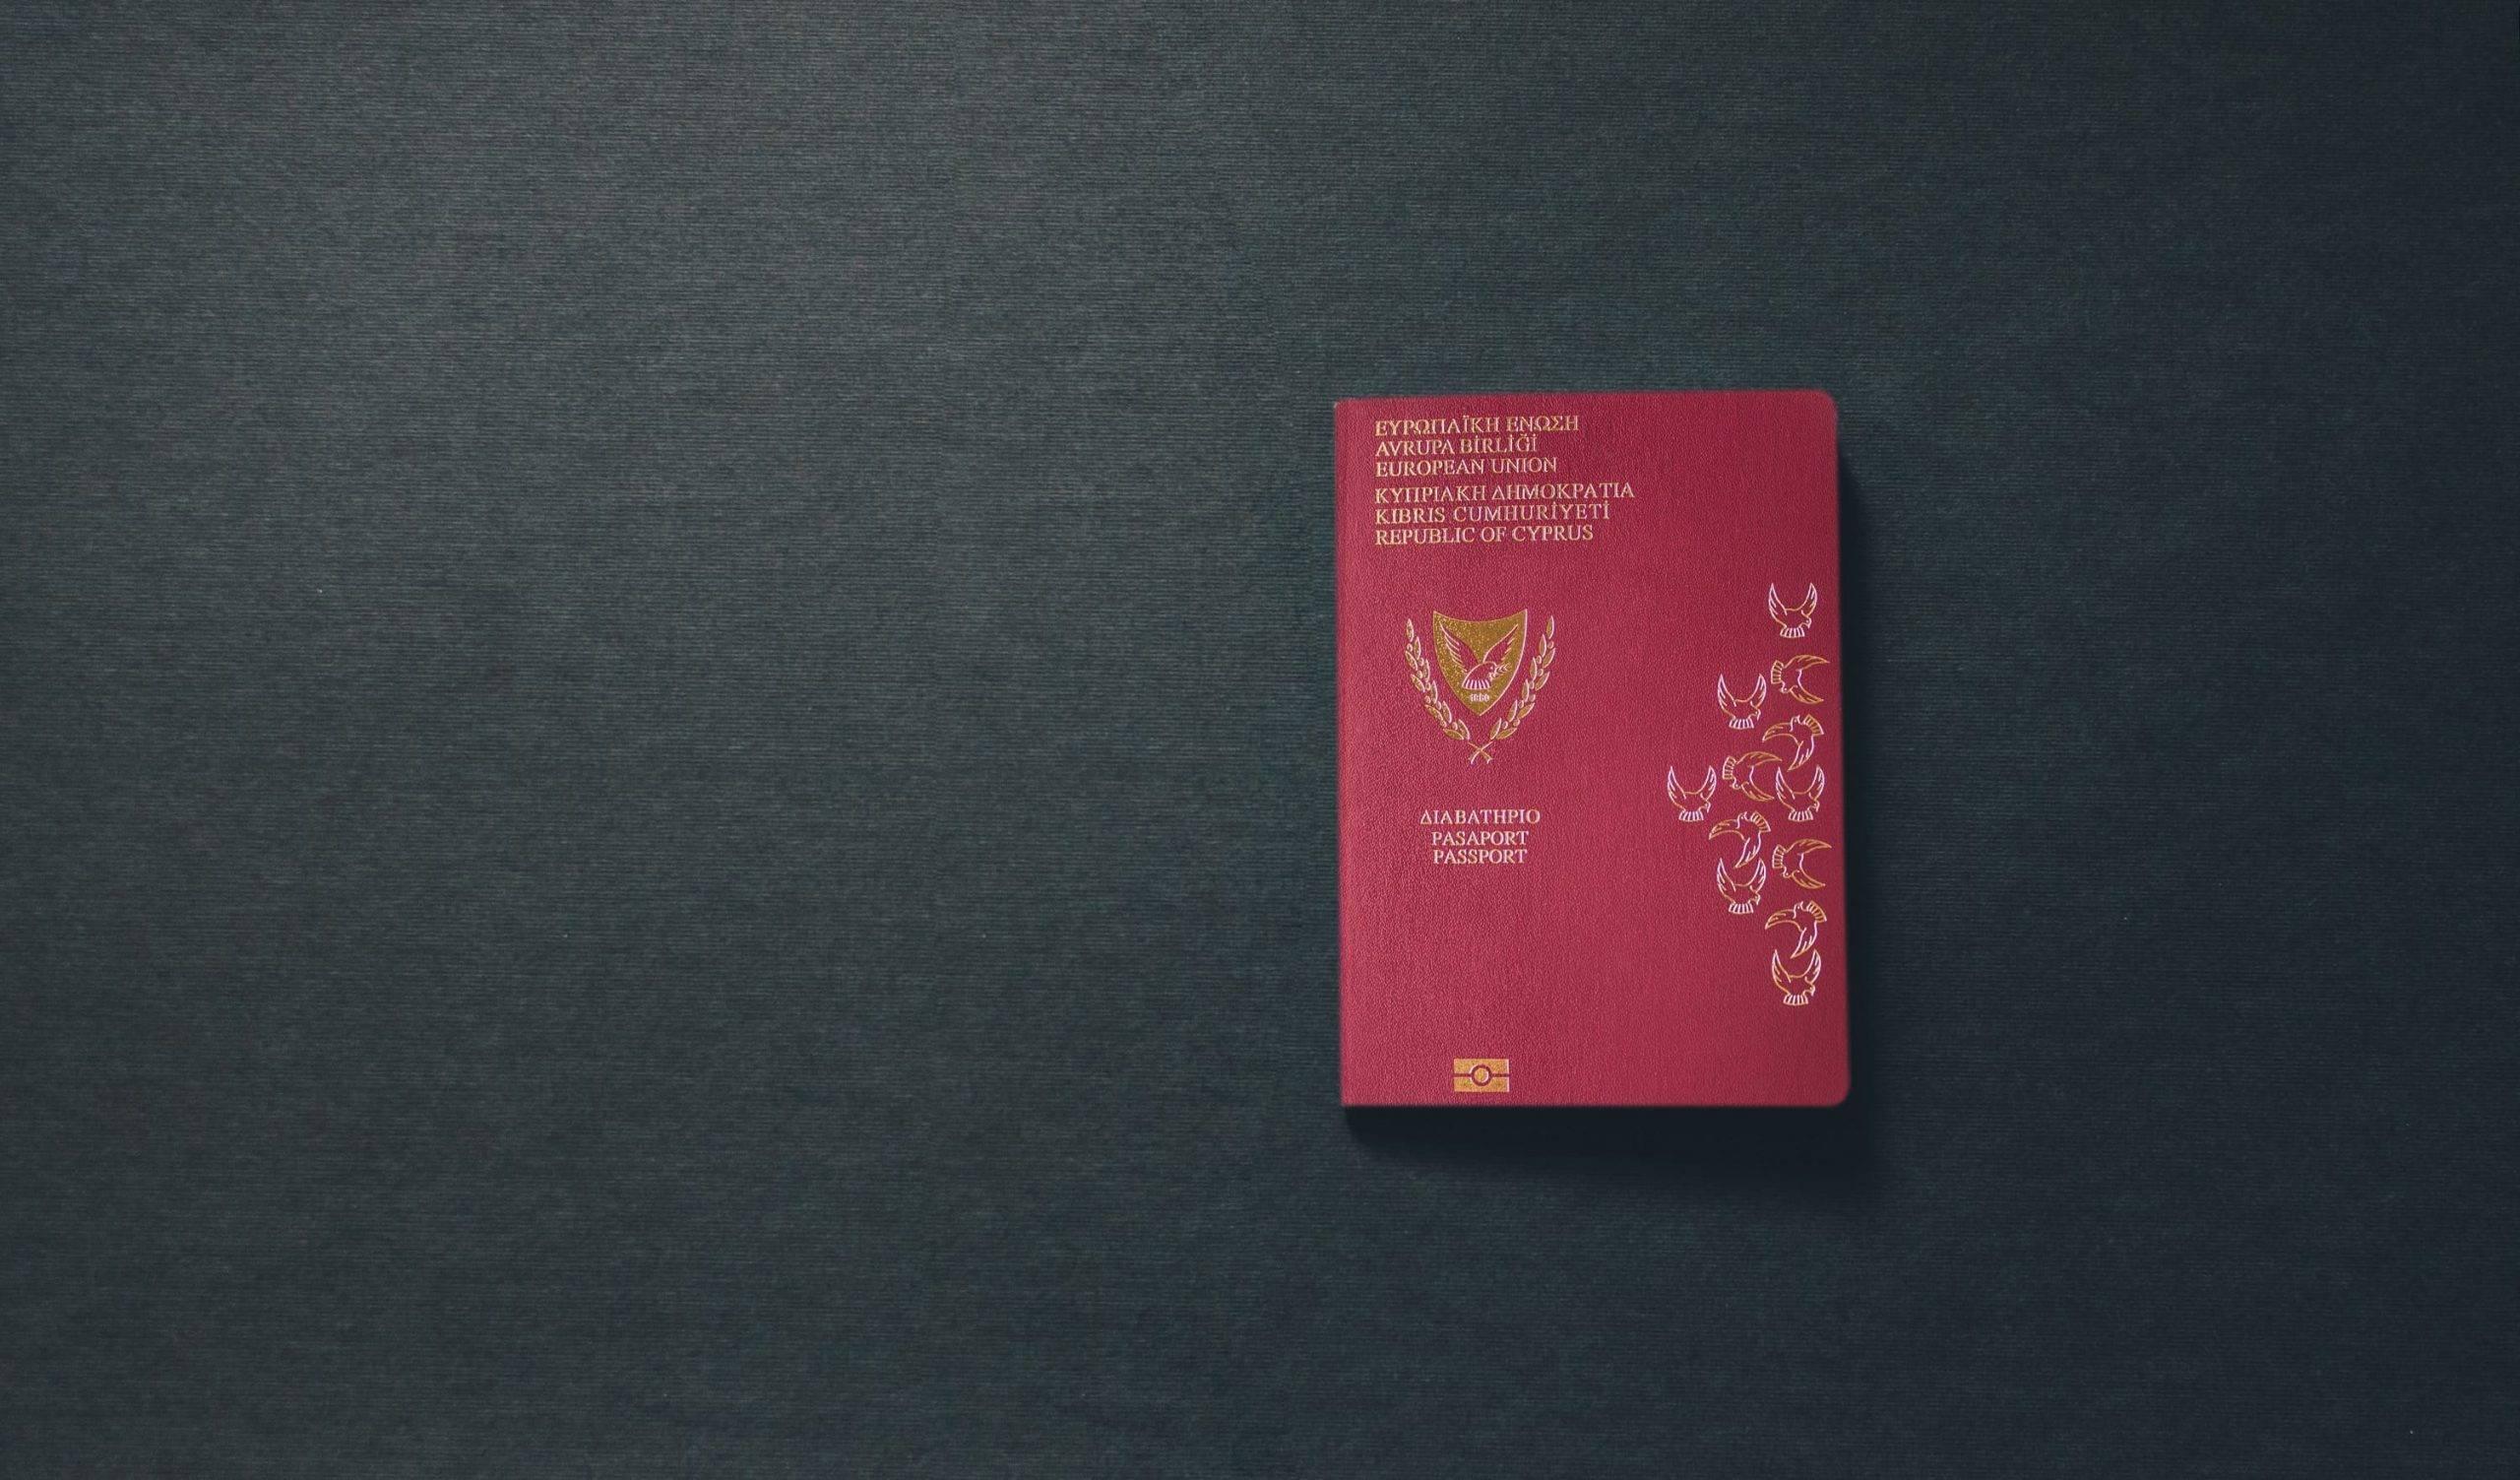 Как получить гражданство кипра в 2021 году гражданину россии